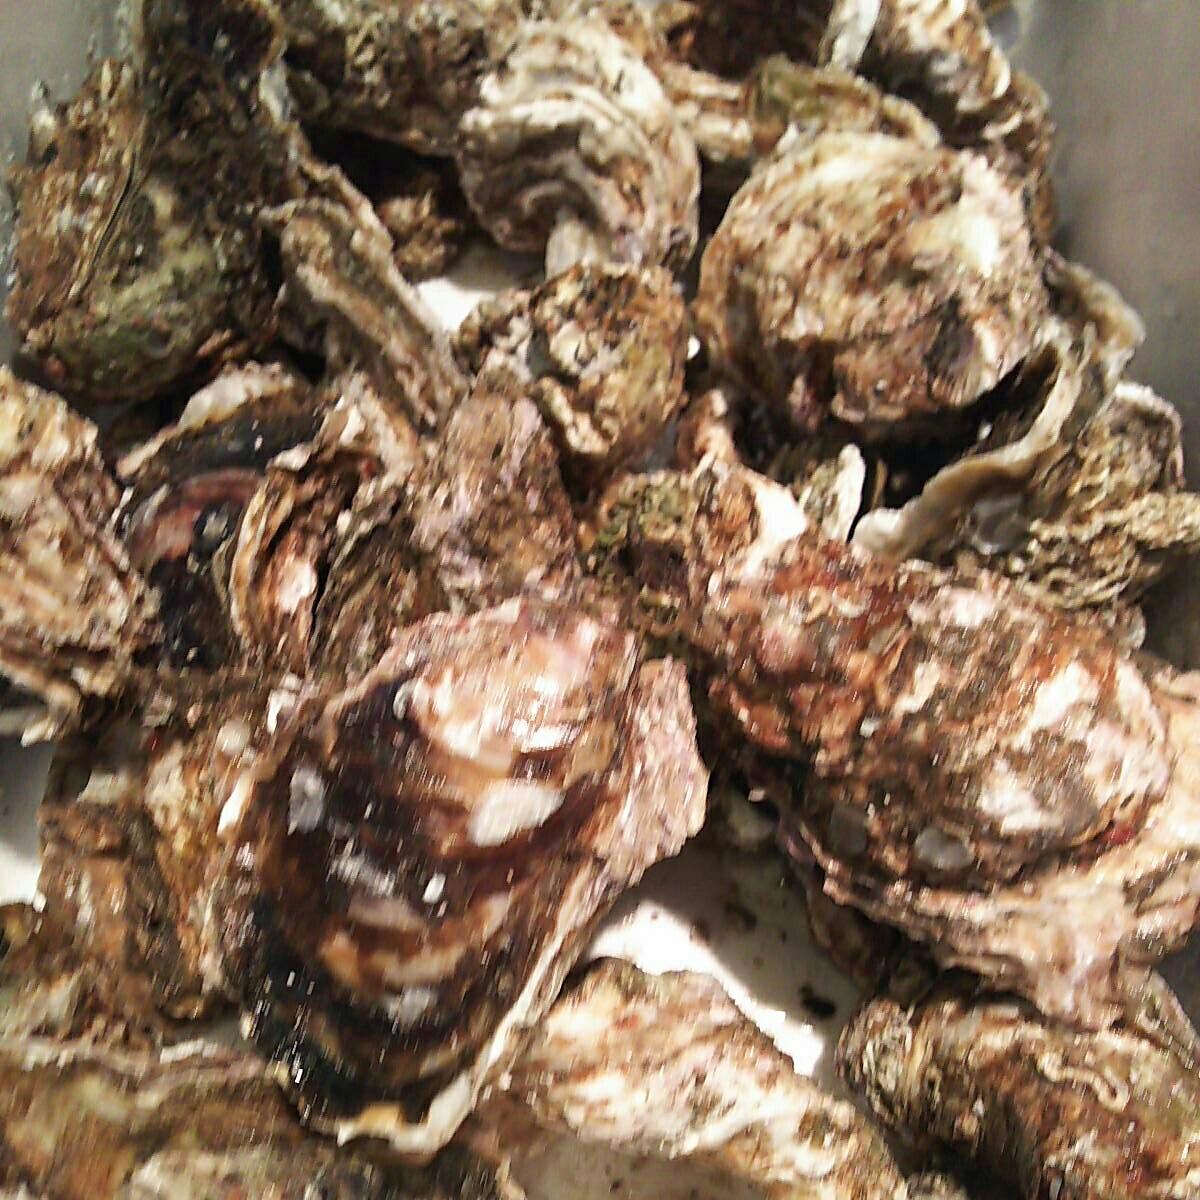 天然岩牡蠣6.5キロ一箱。普通サイズ。普通でも水牡蠣よりも大きい岩牡蠣です。_画像3